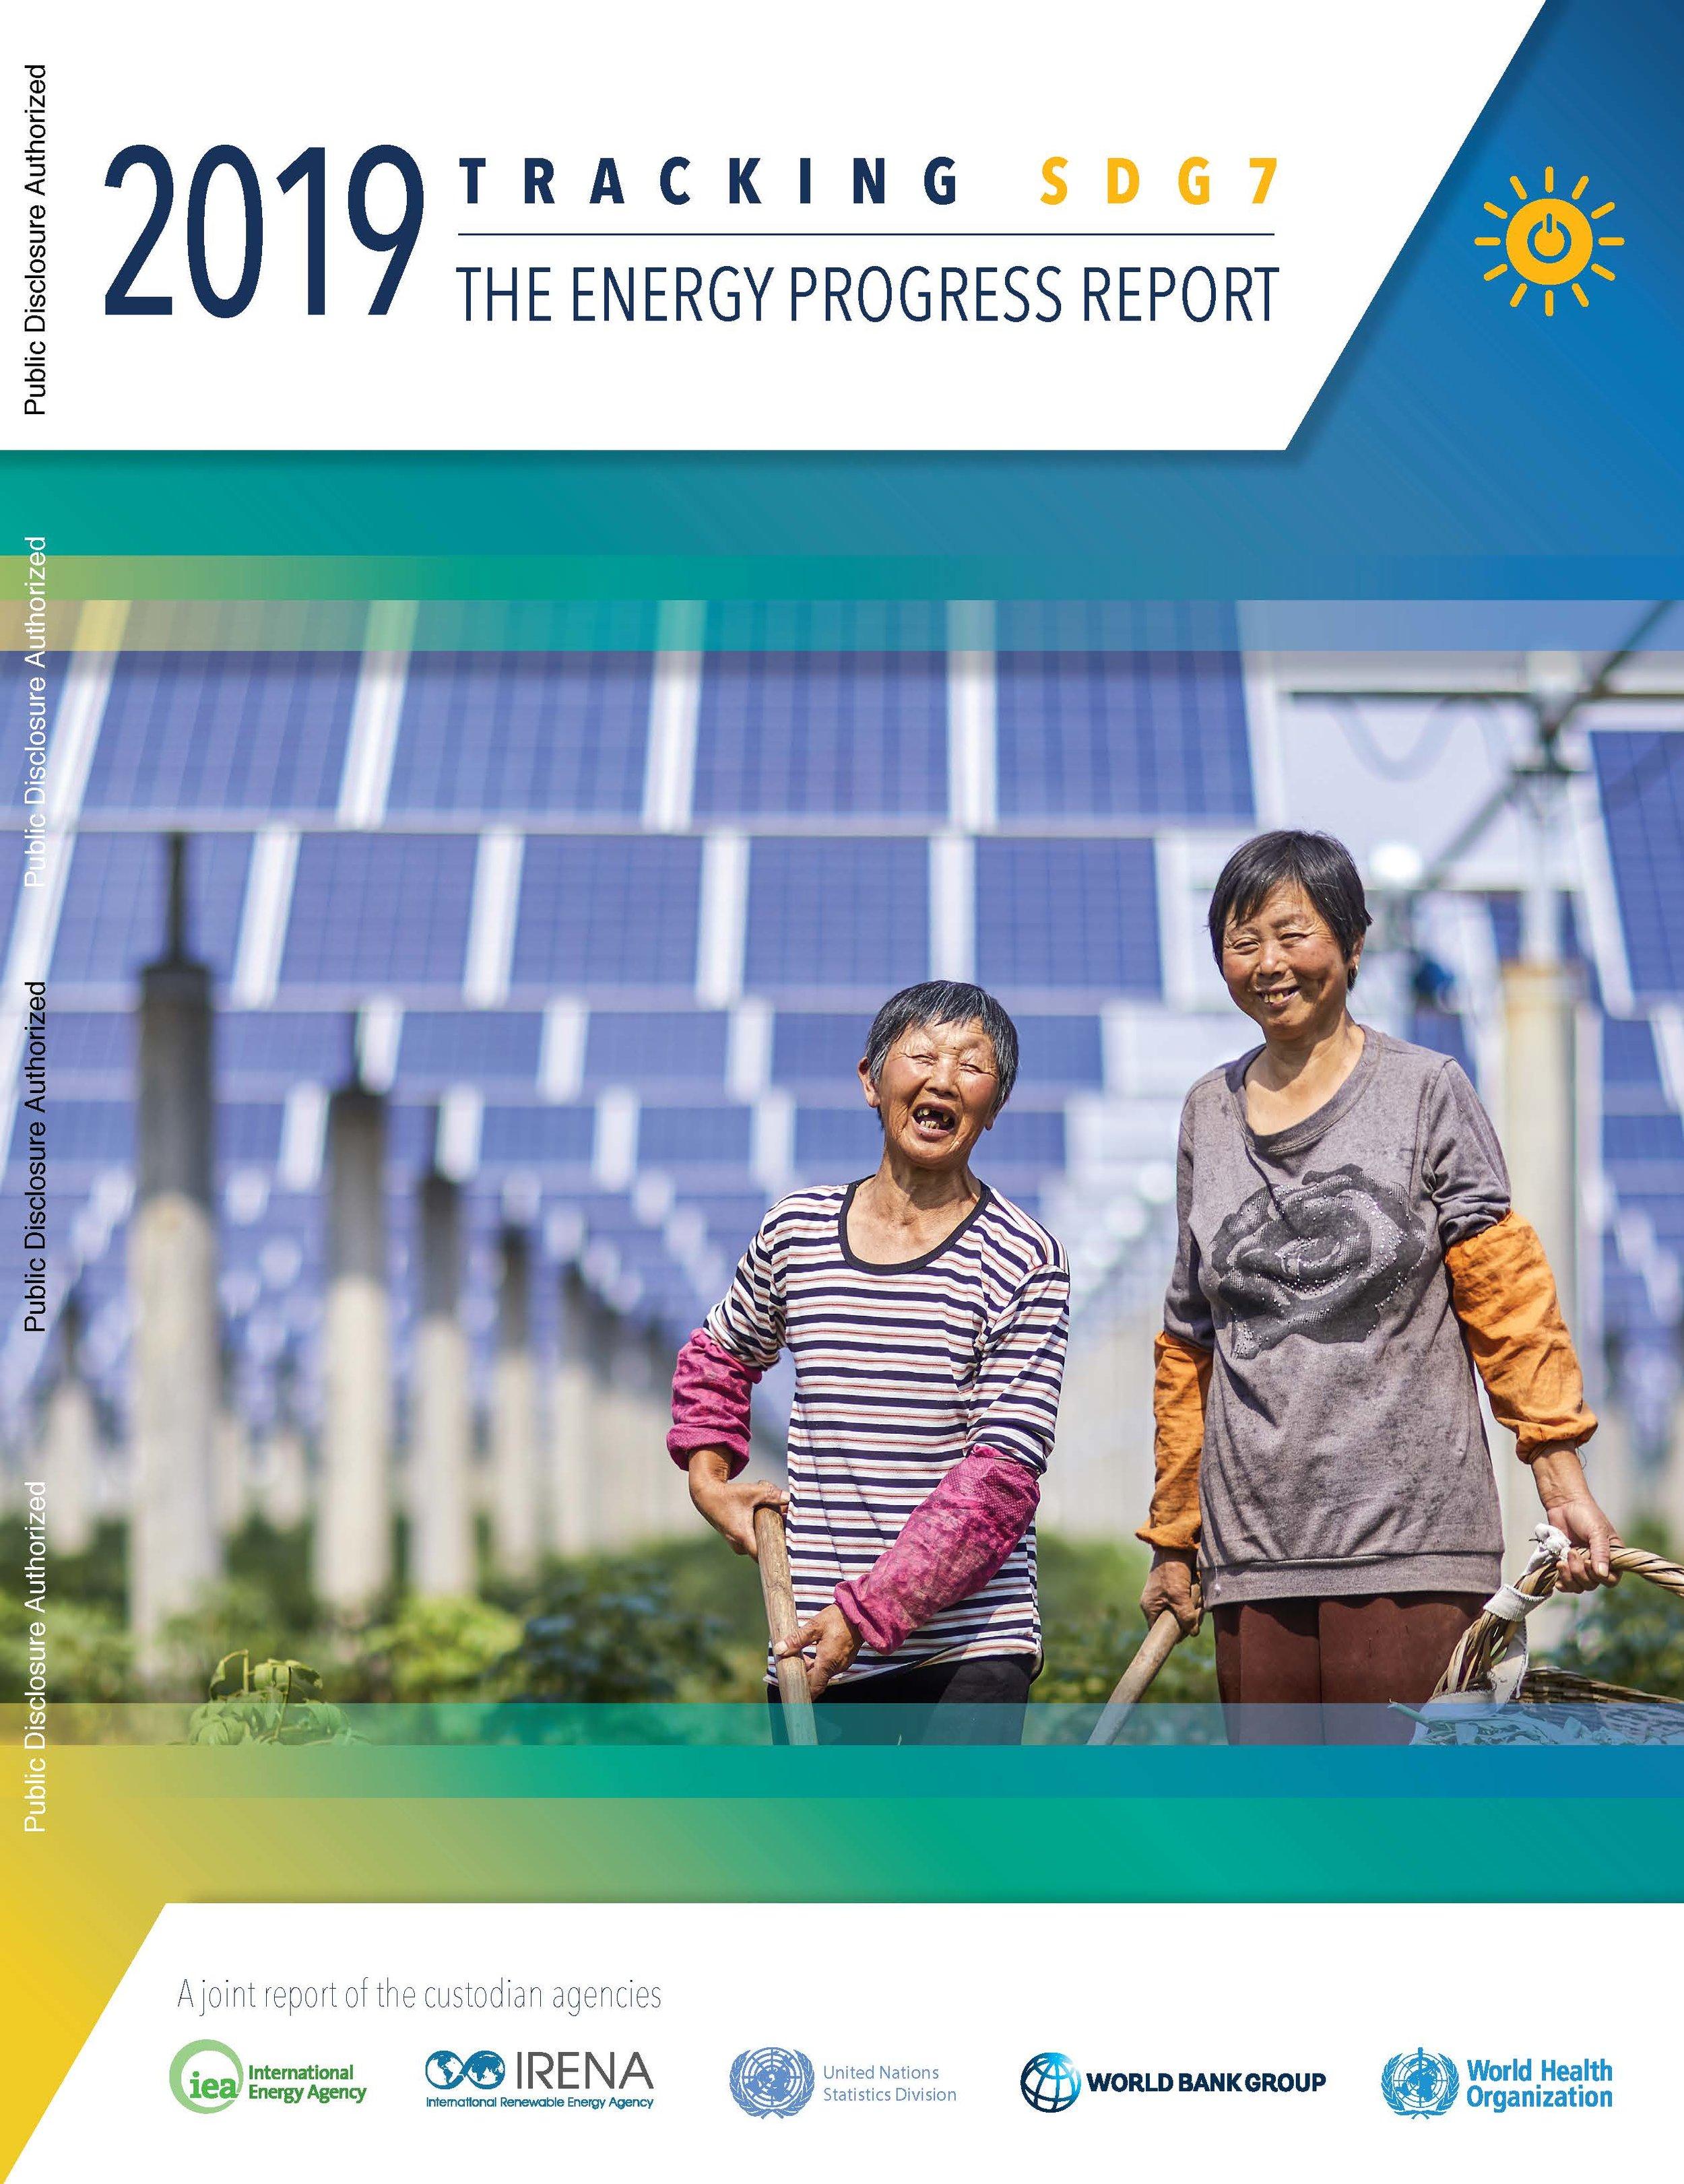 Tracking-SDG-7-The-Energy-Progress-Report-2019 1.jpg